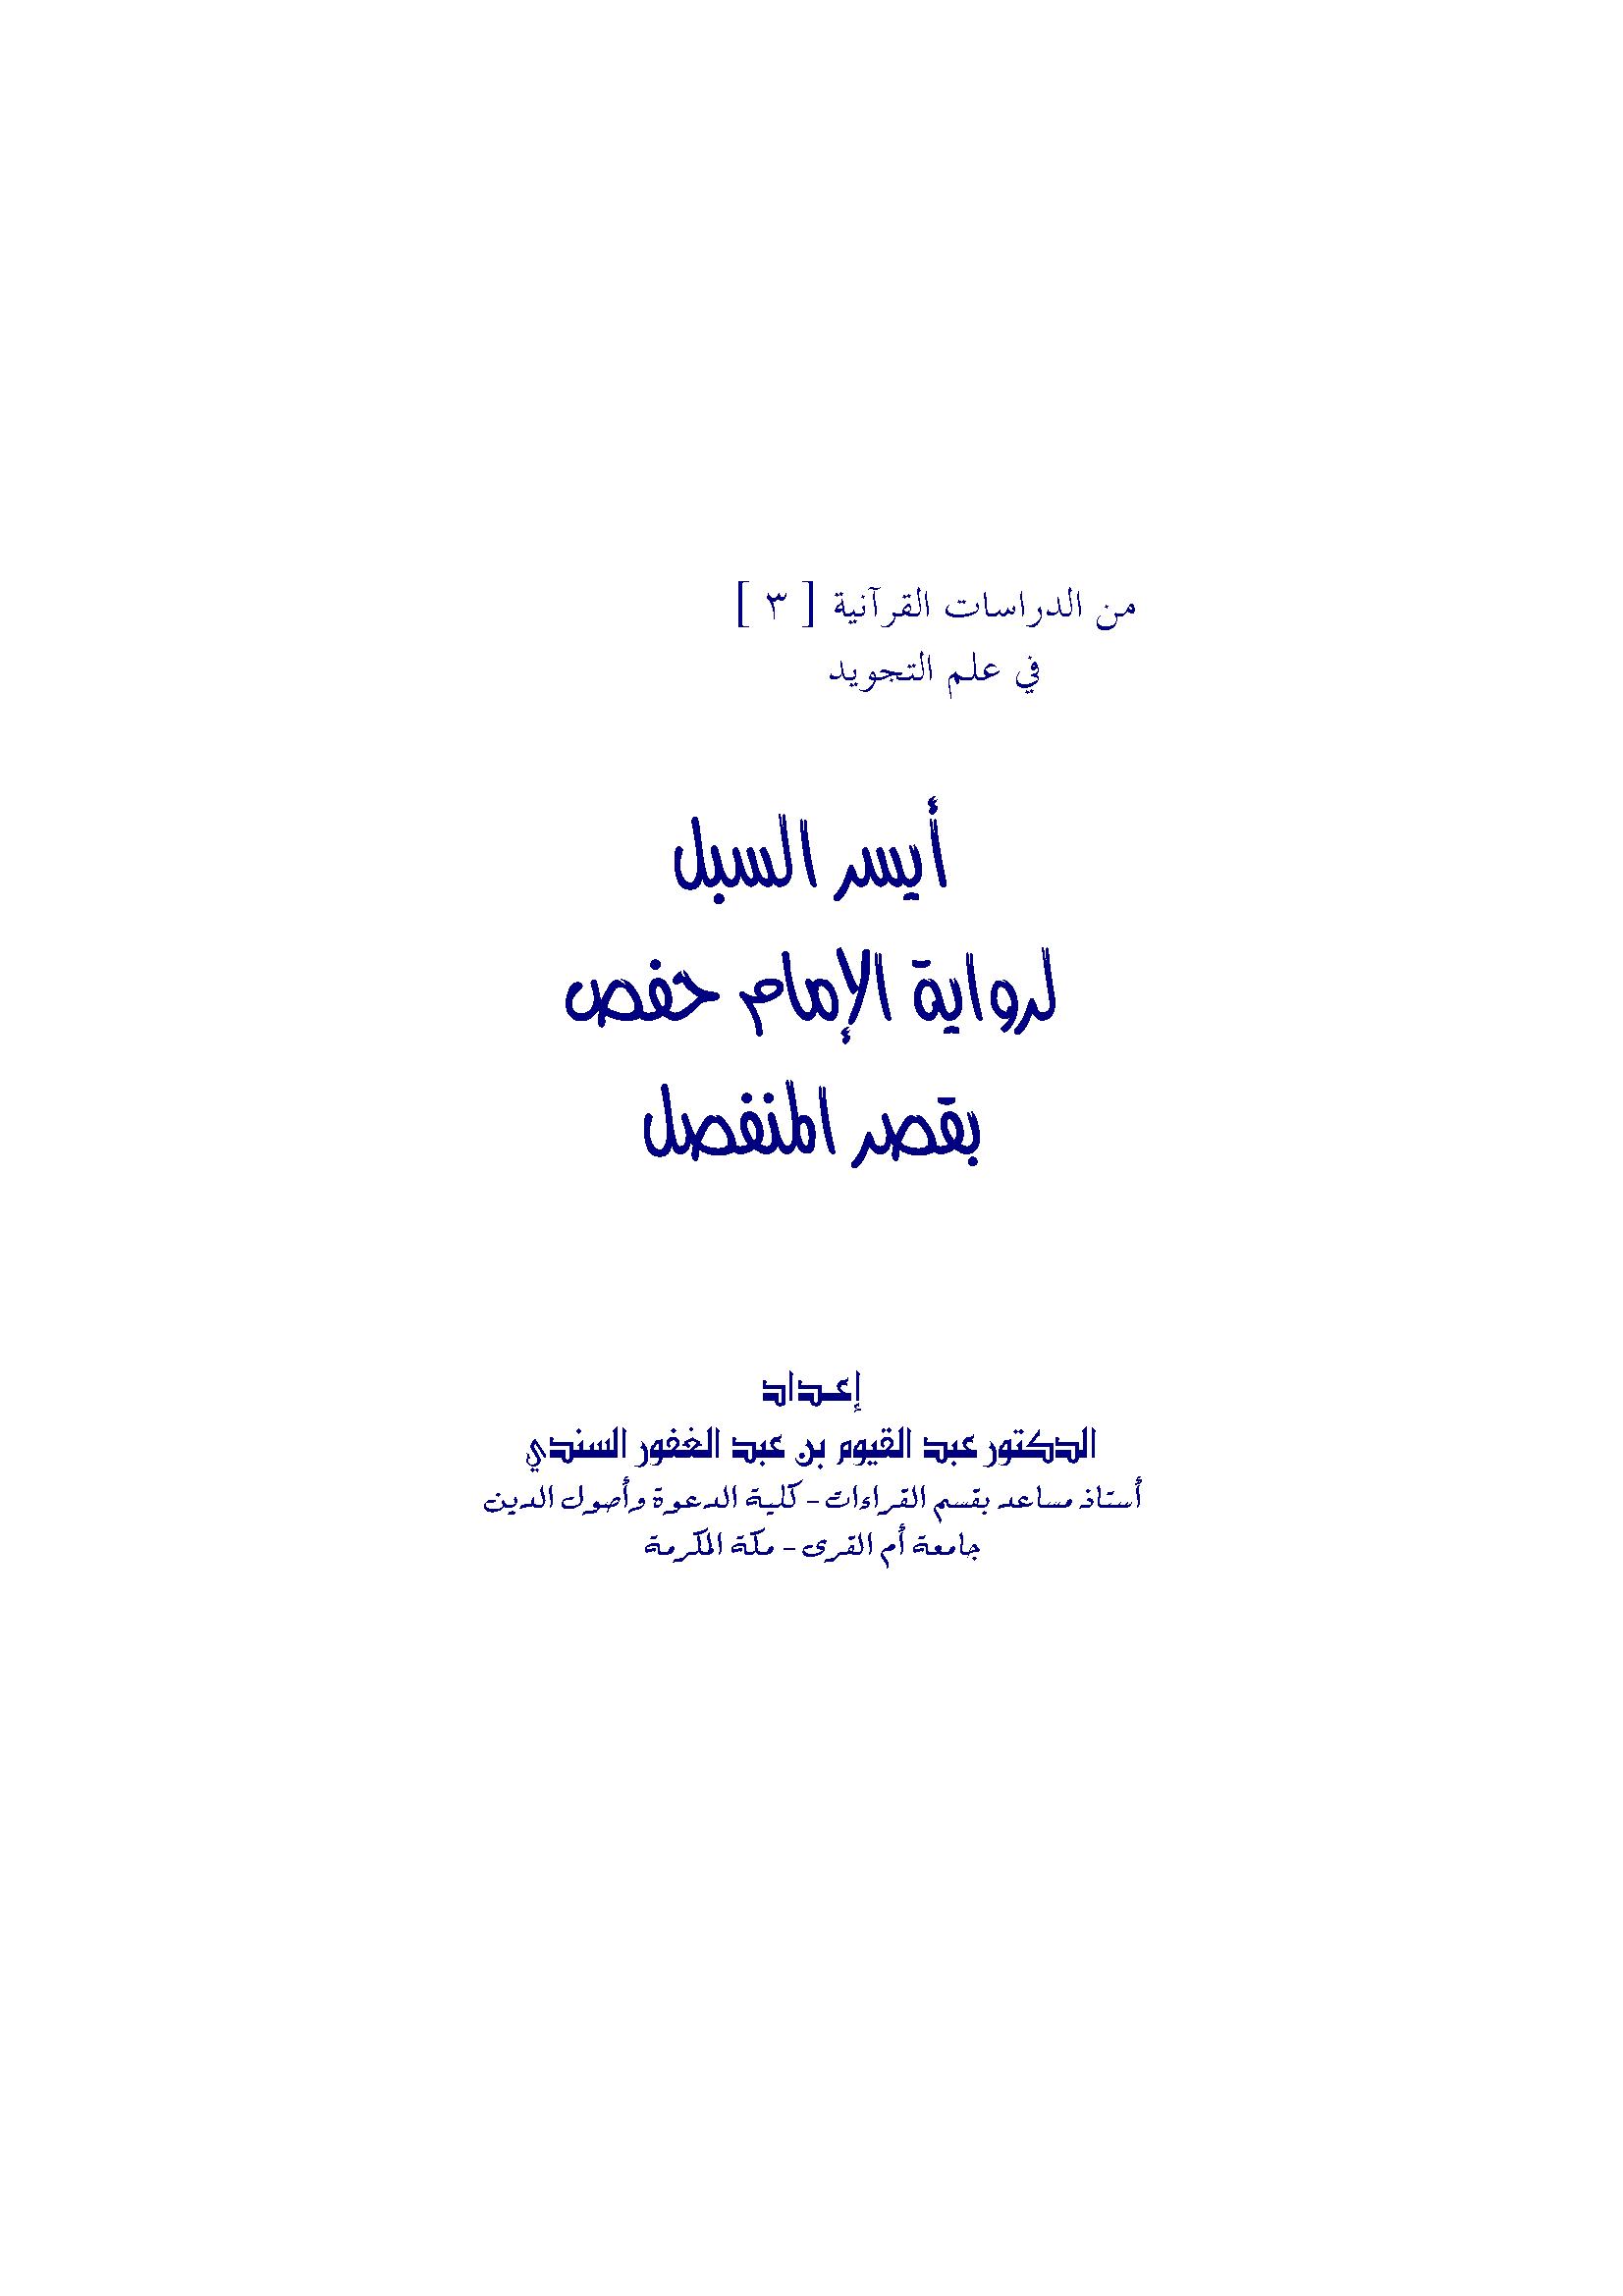 تحميل كتاب أيسر السبل لرواية الإمام حفص بقصر المنفصل لـِ: الدكتور عبد القيوم بن عبد الغفور بن قمر الدين السندي